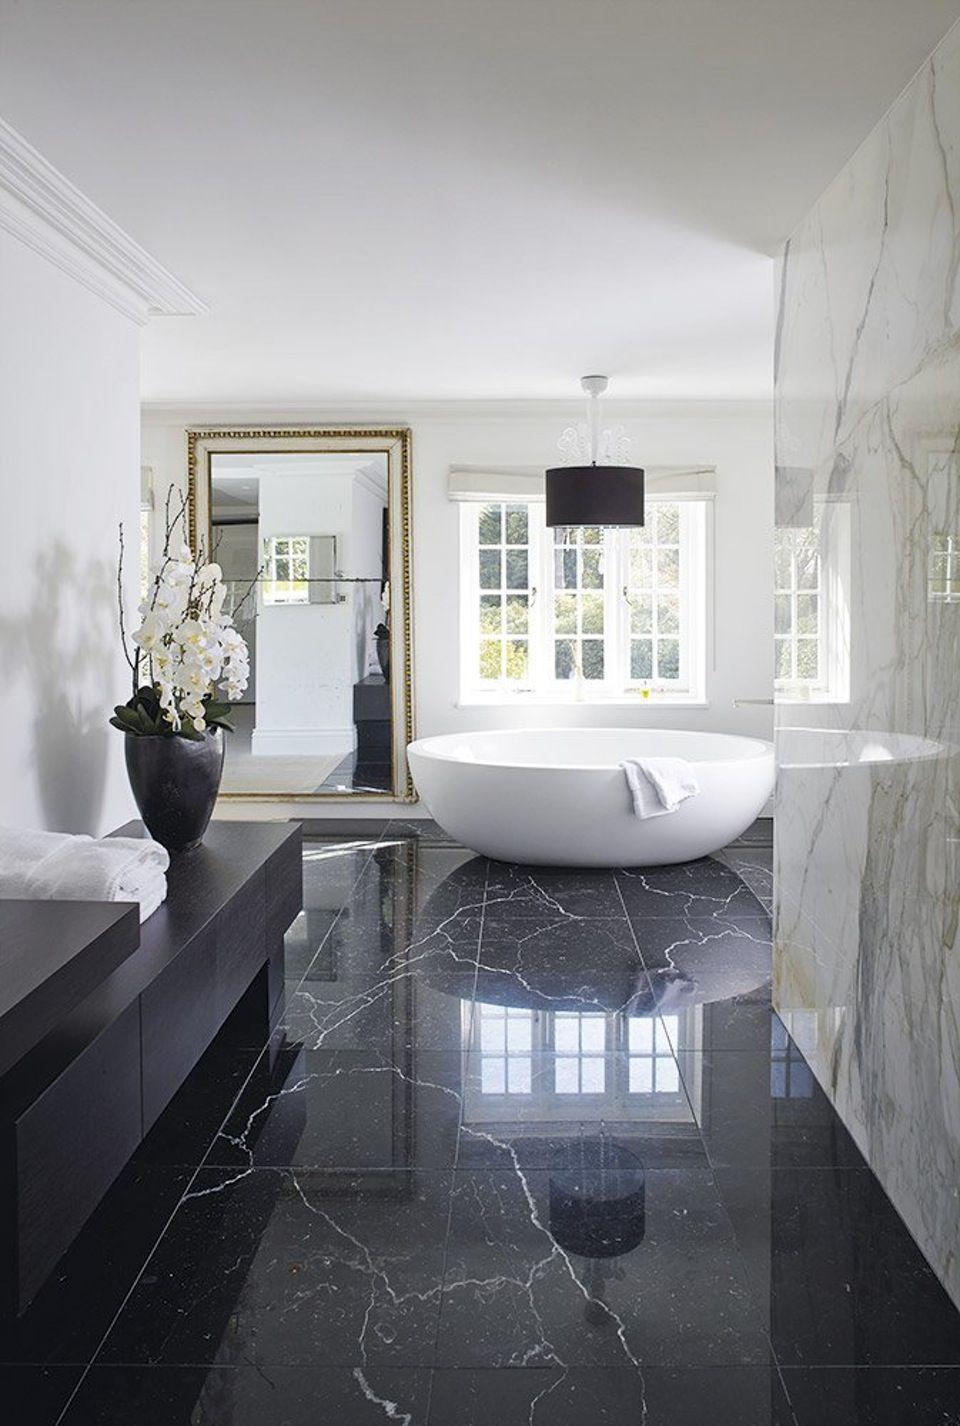 Objet Dans Salle De Bain Liste ~ english idyll in danish lykke on pinterest salles de bains